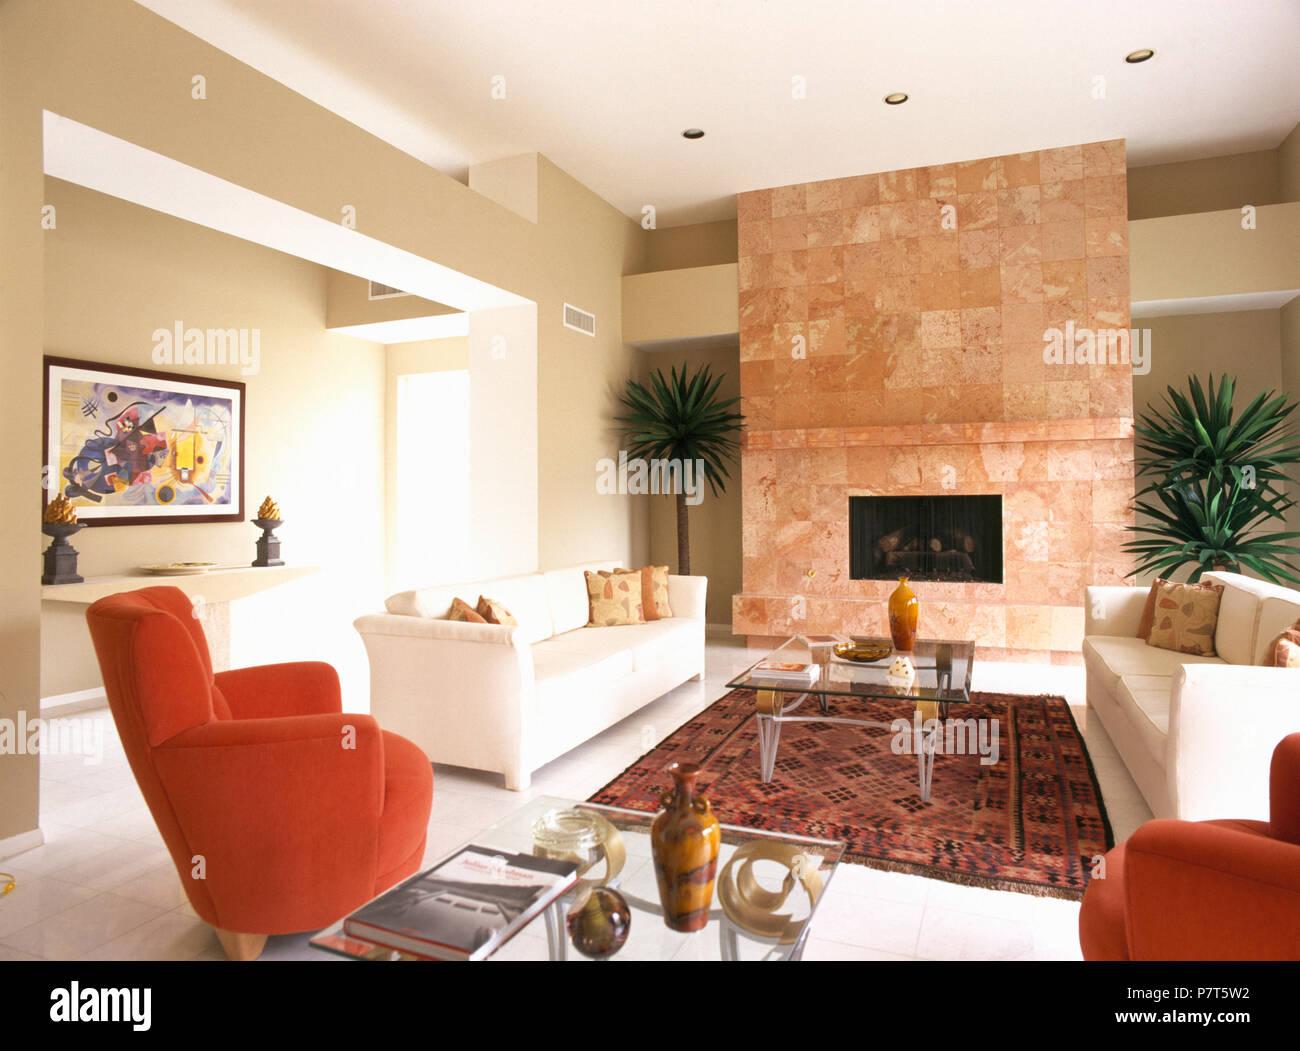 Divani Bianchi Moderni : Red poltrone e divani bianchi in soggiorno moderno con pavimenti